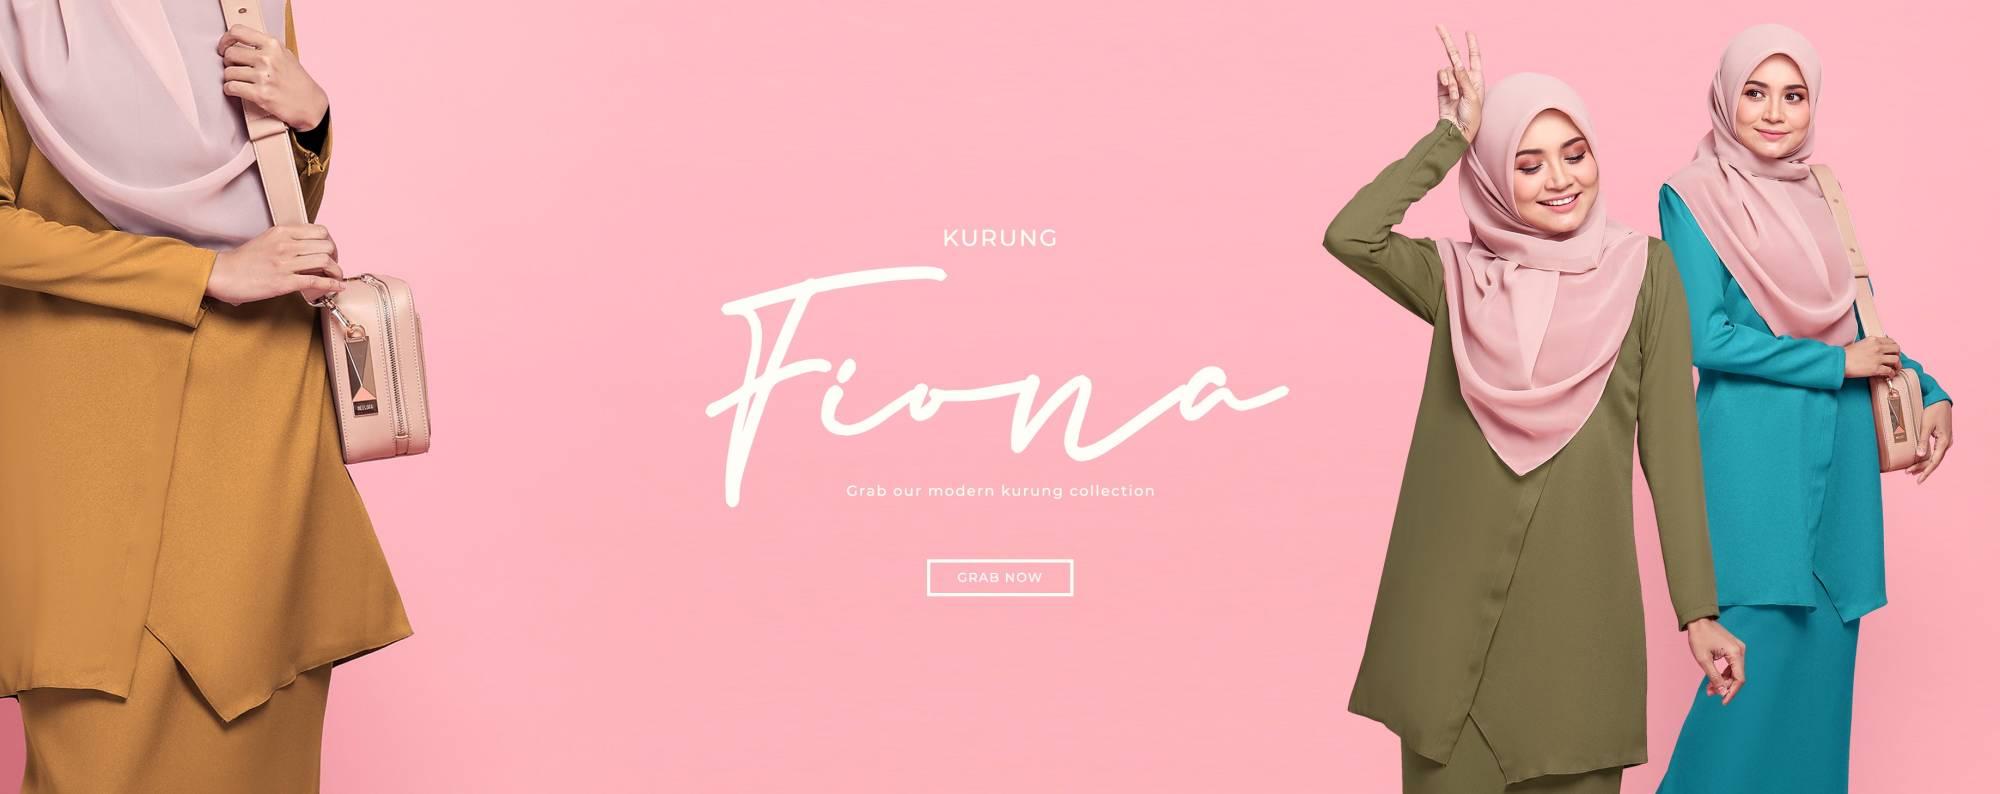 Kurung Fiona